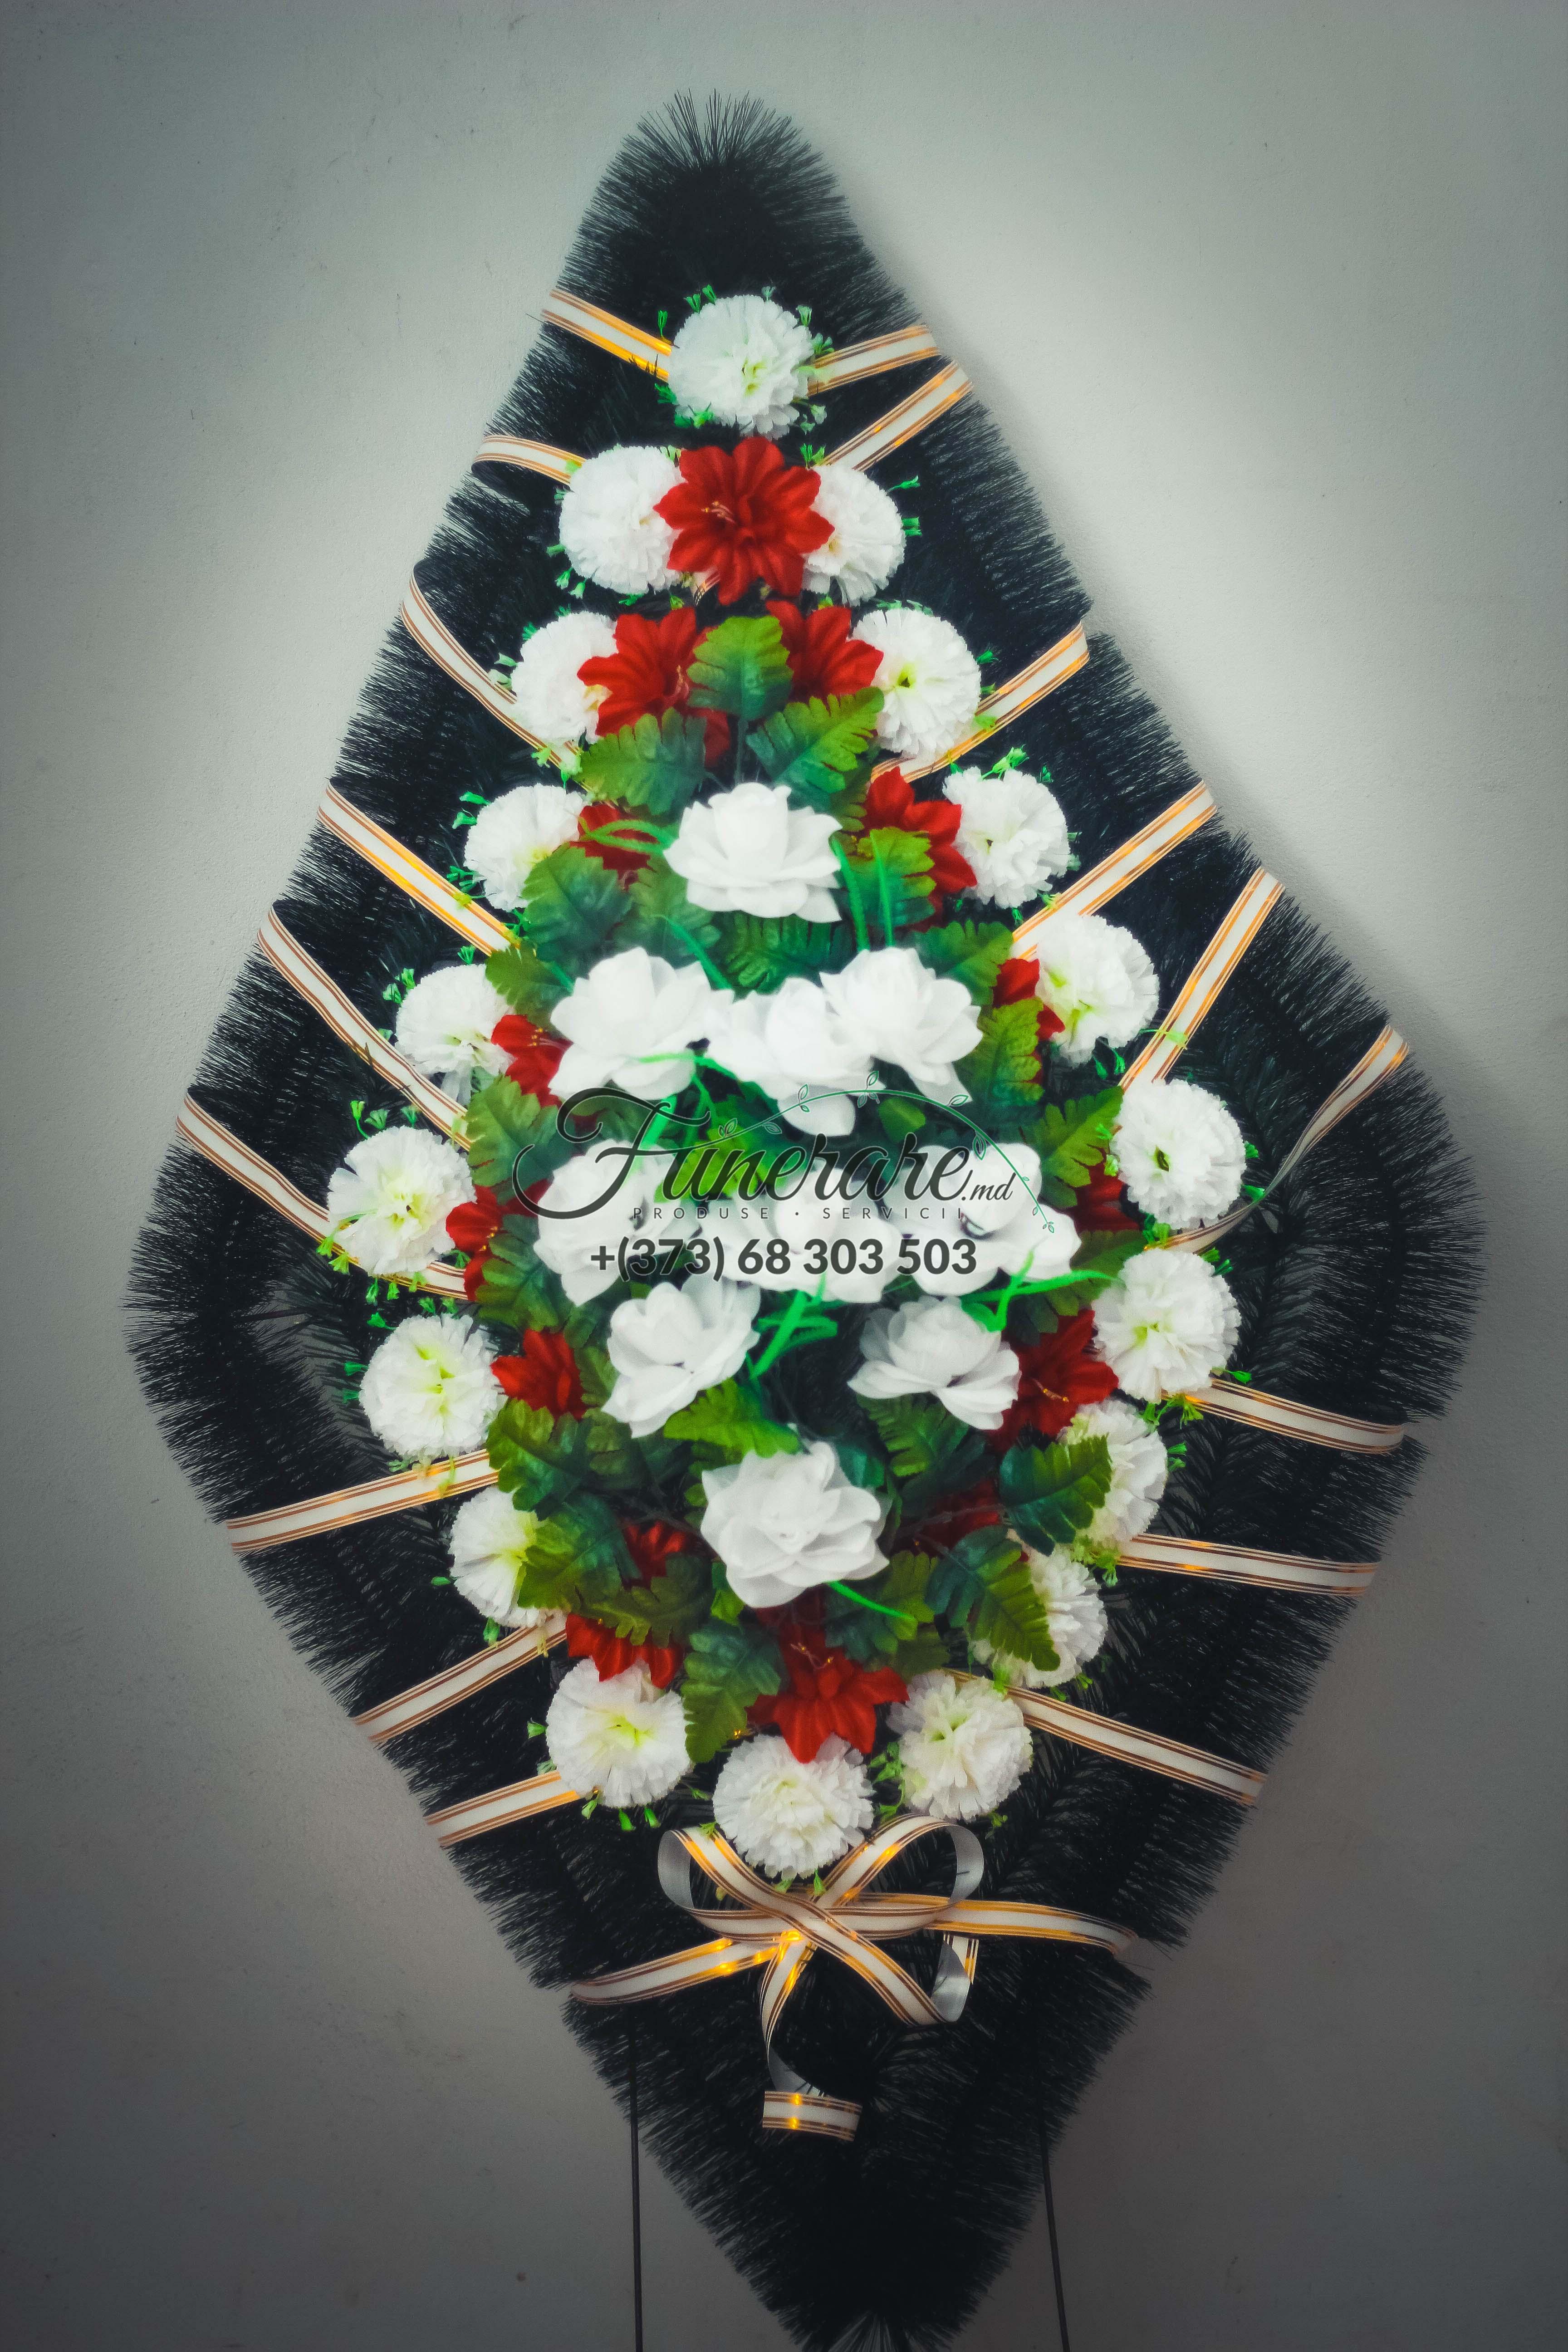 Coroane funerare 0403